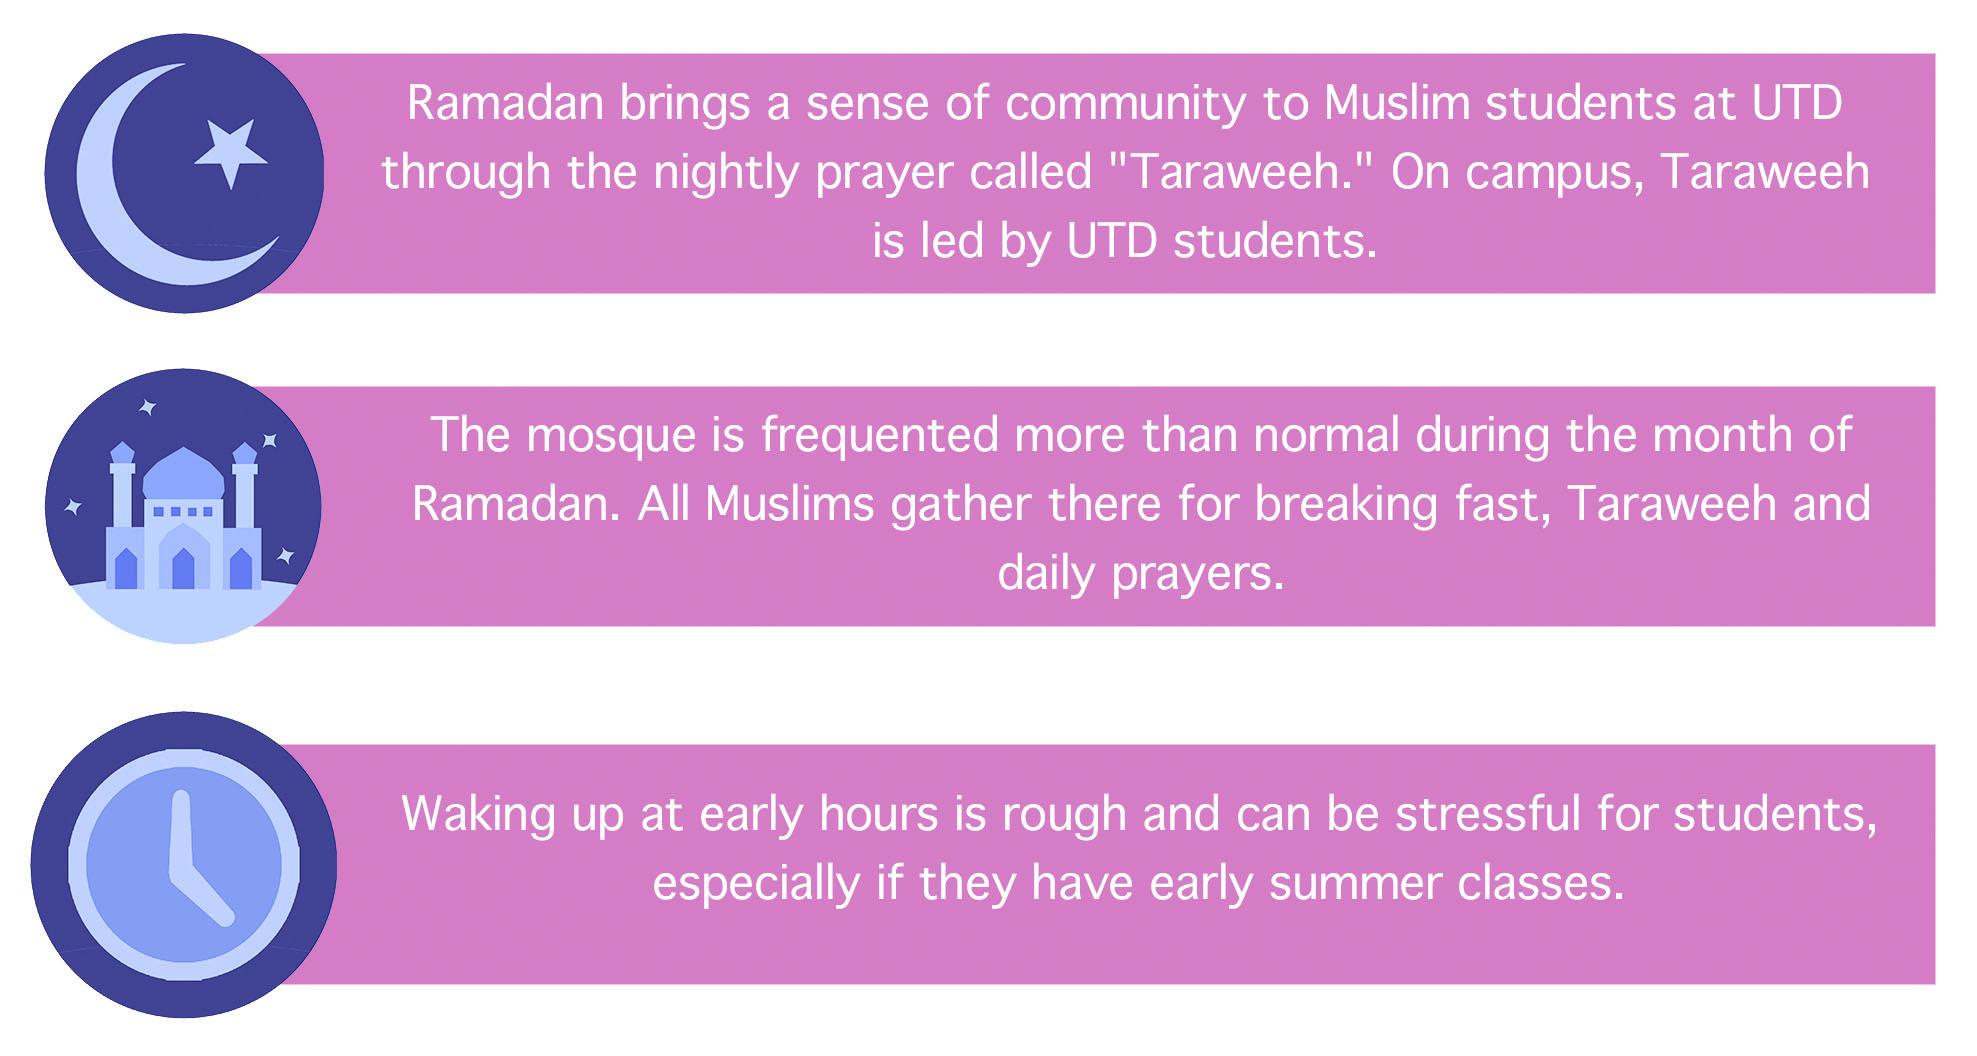 Muslim students balance Ramadan, school